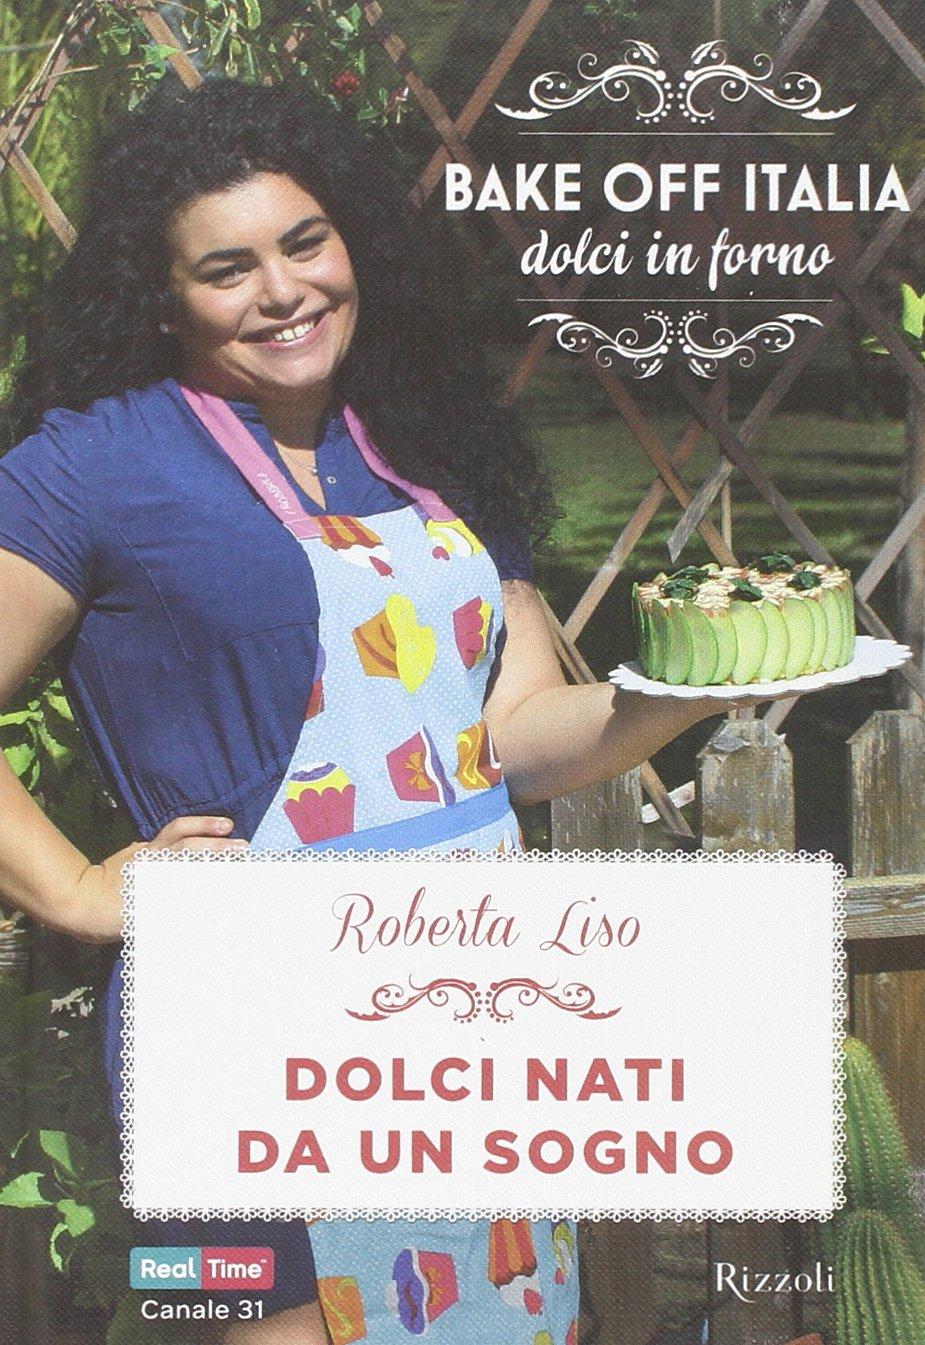 Dolci nati da un sogno. Bake off Italia, dolci in forno Cucina ...